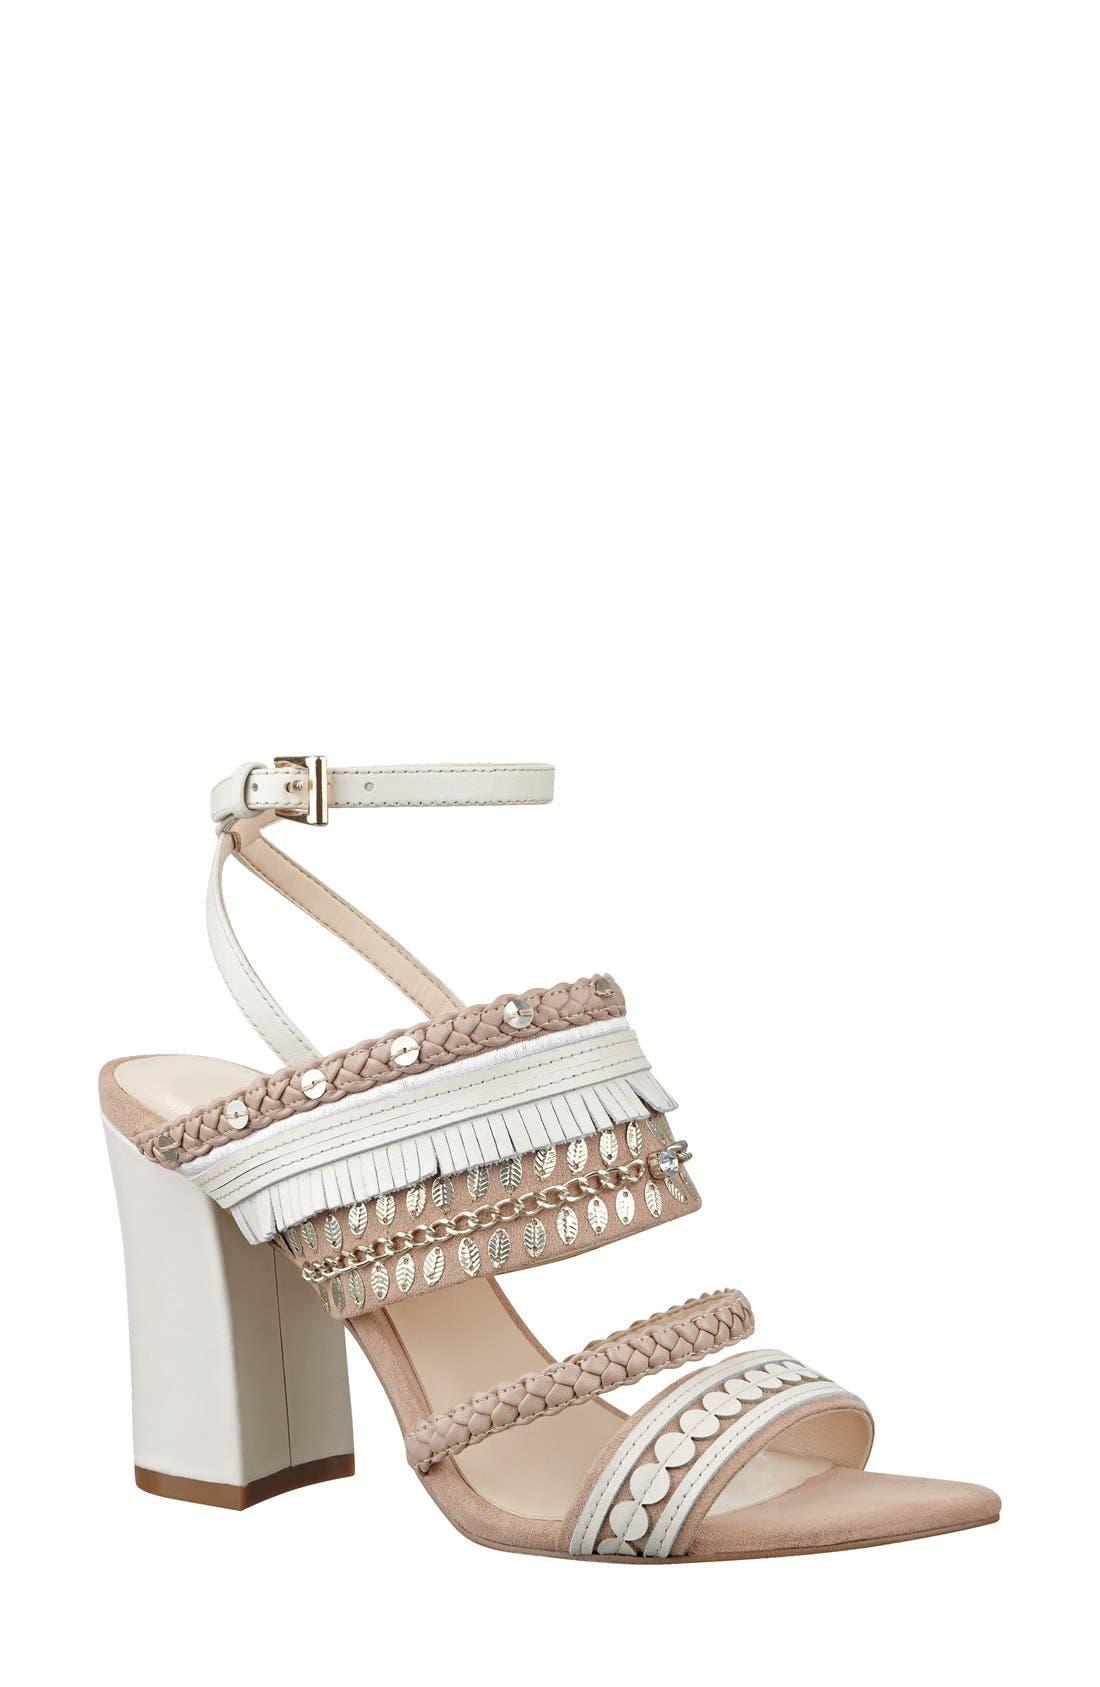 Alternate Image 1 Selected - Nine West 'Baebee' Block Heel Sandal (Women)